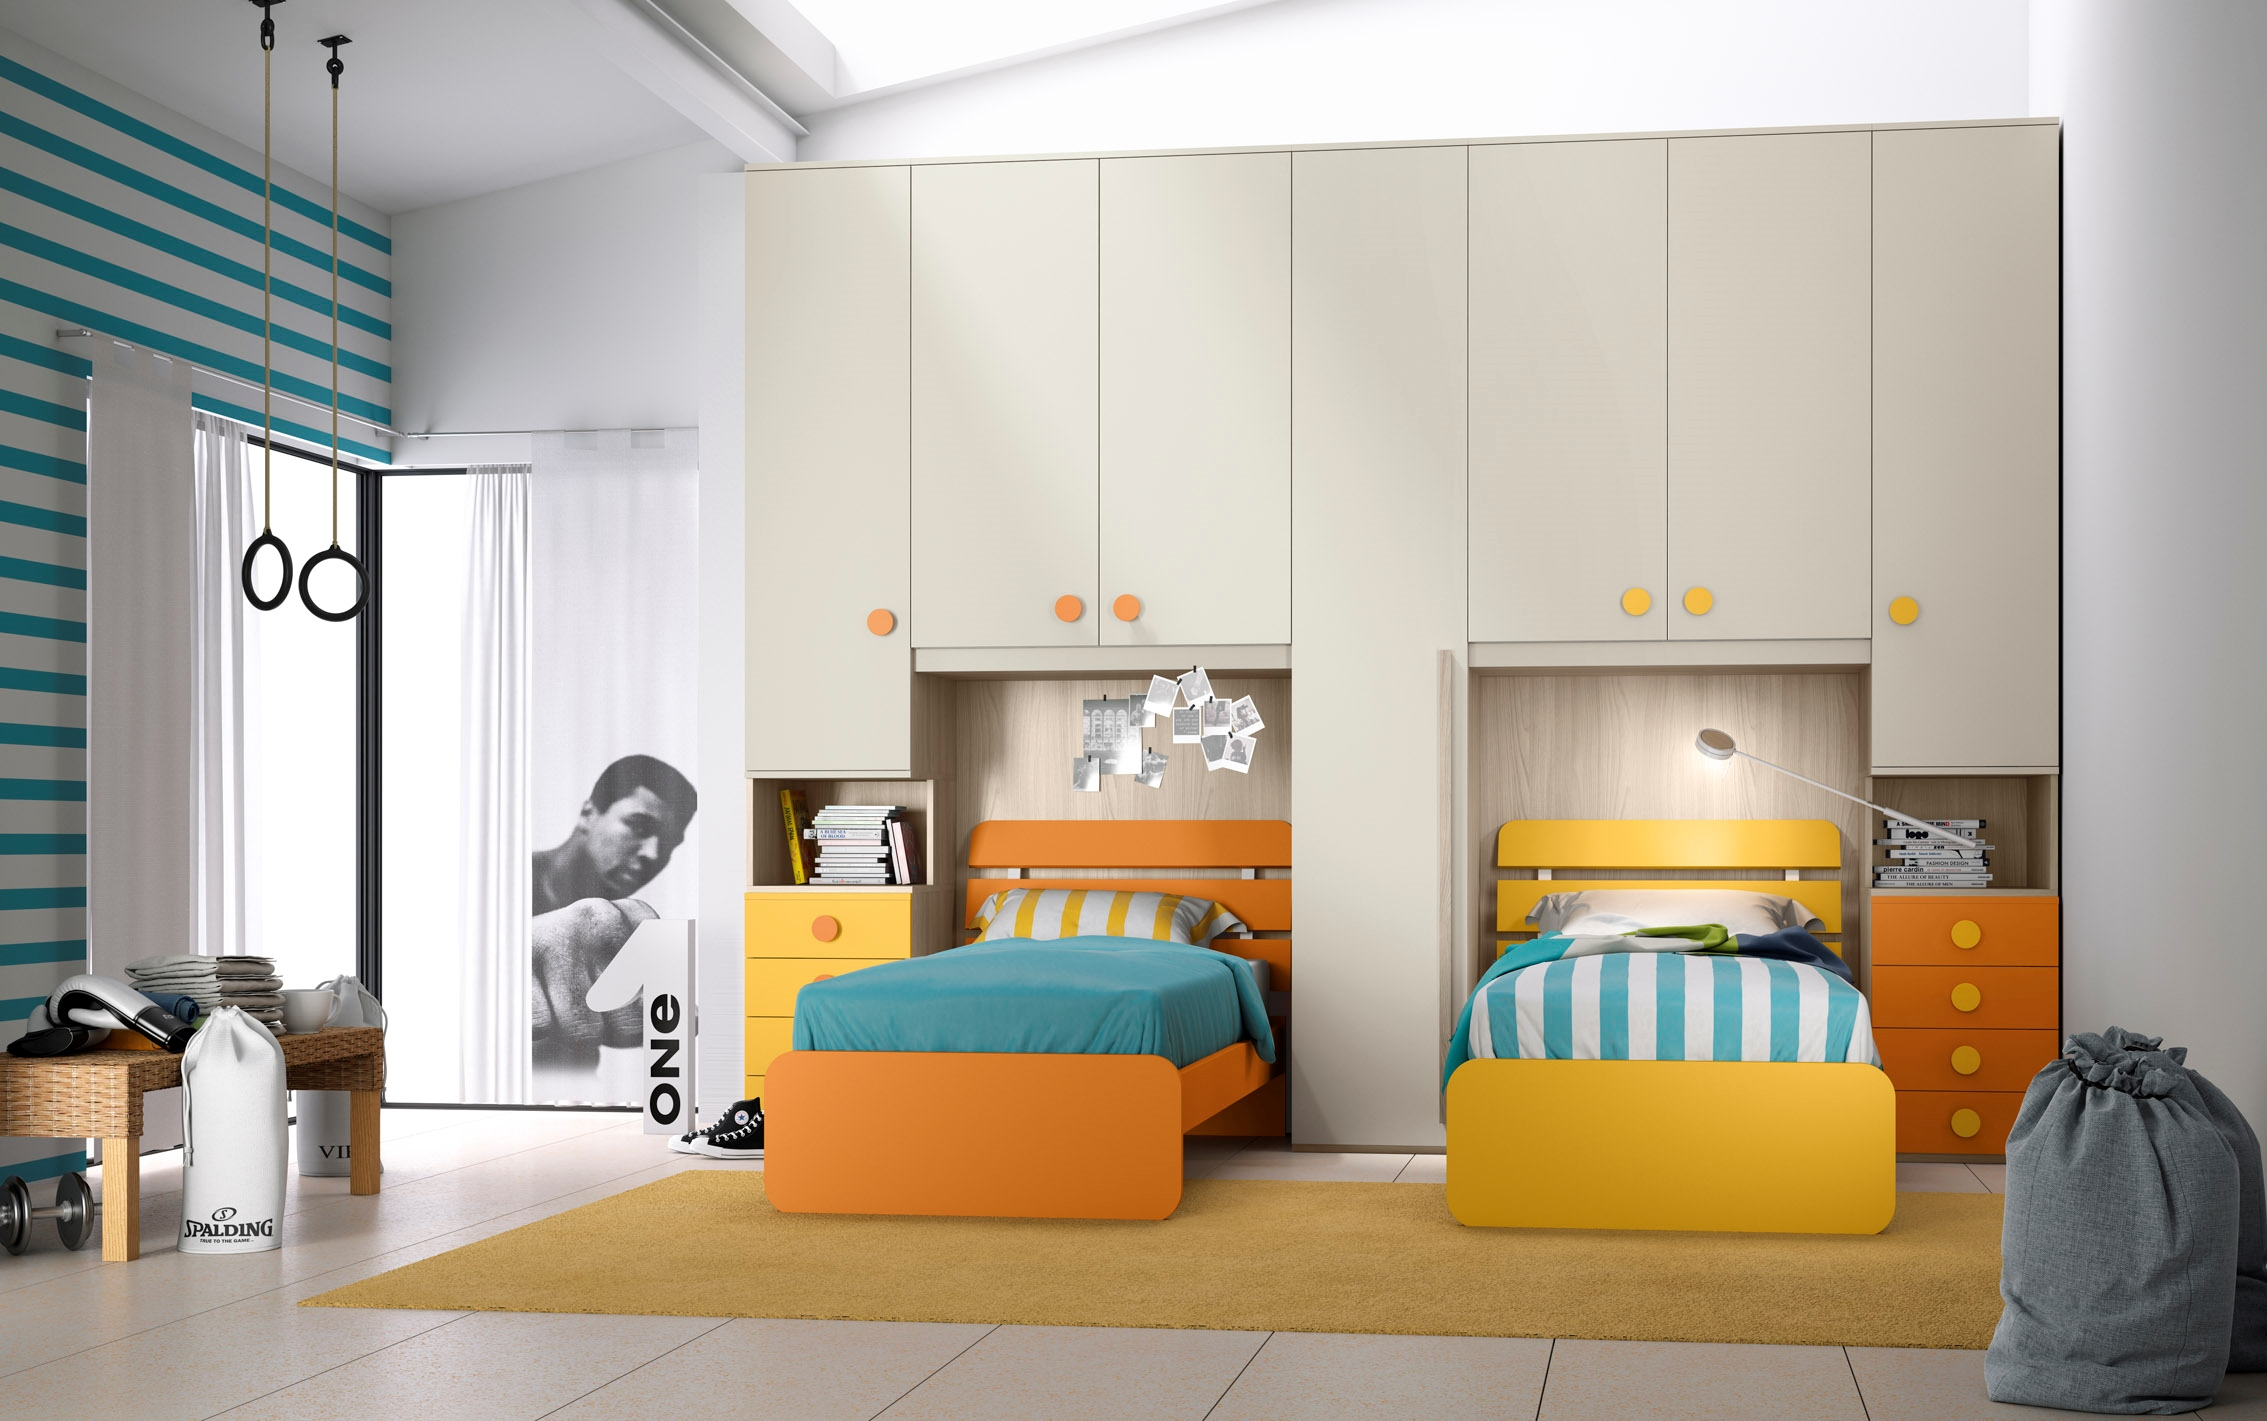 Ikea Letto Con Ponte.Camerette Bambini 2 Letti Ikea Perfect With Camerette Bambini 2